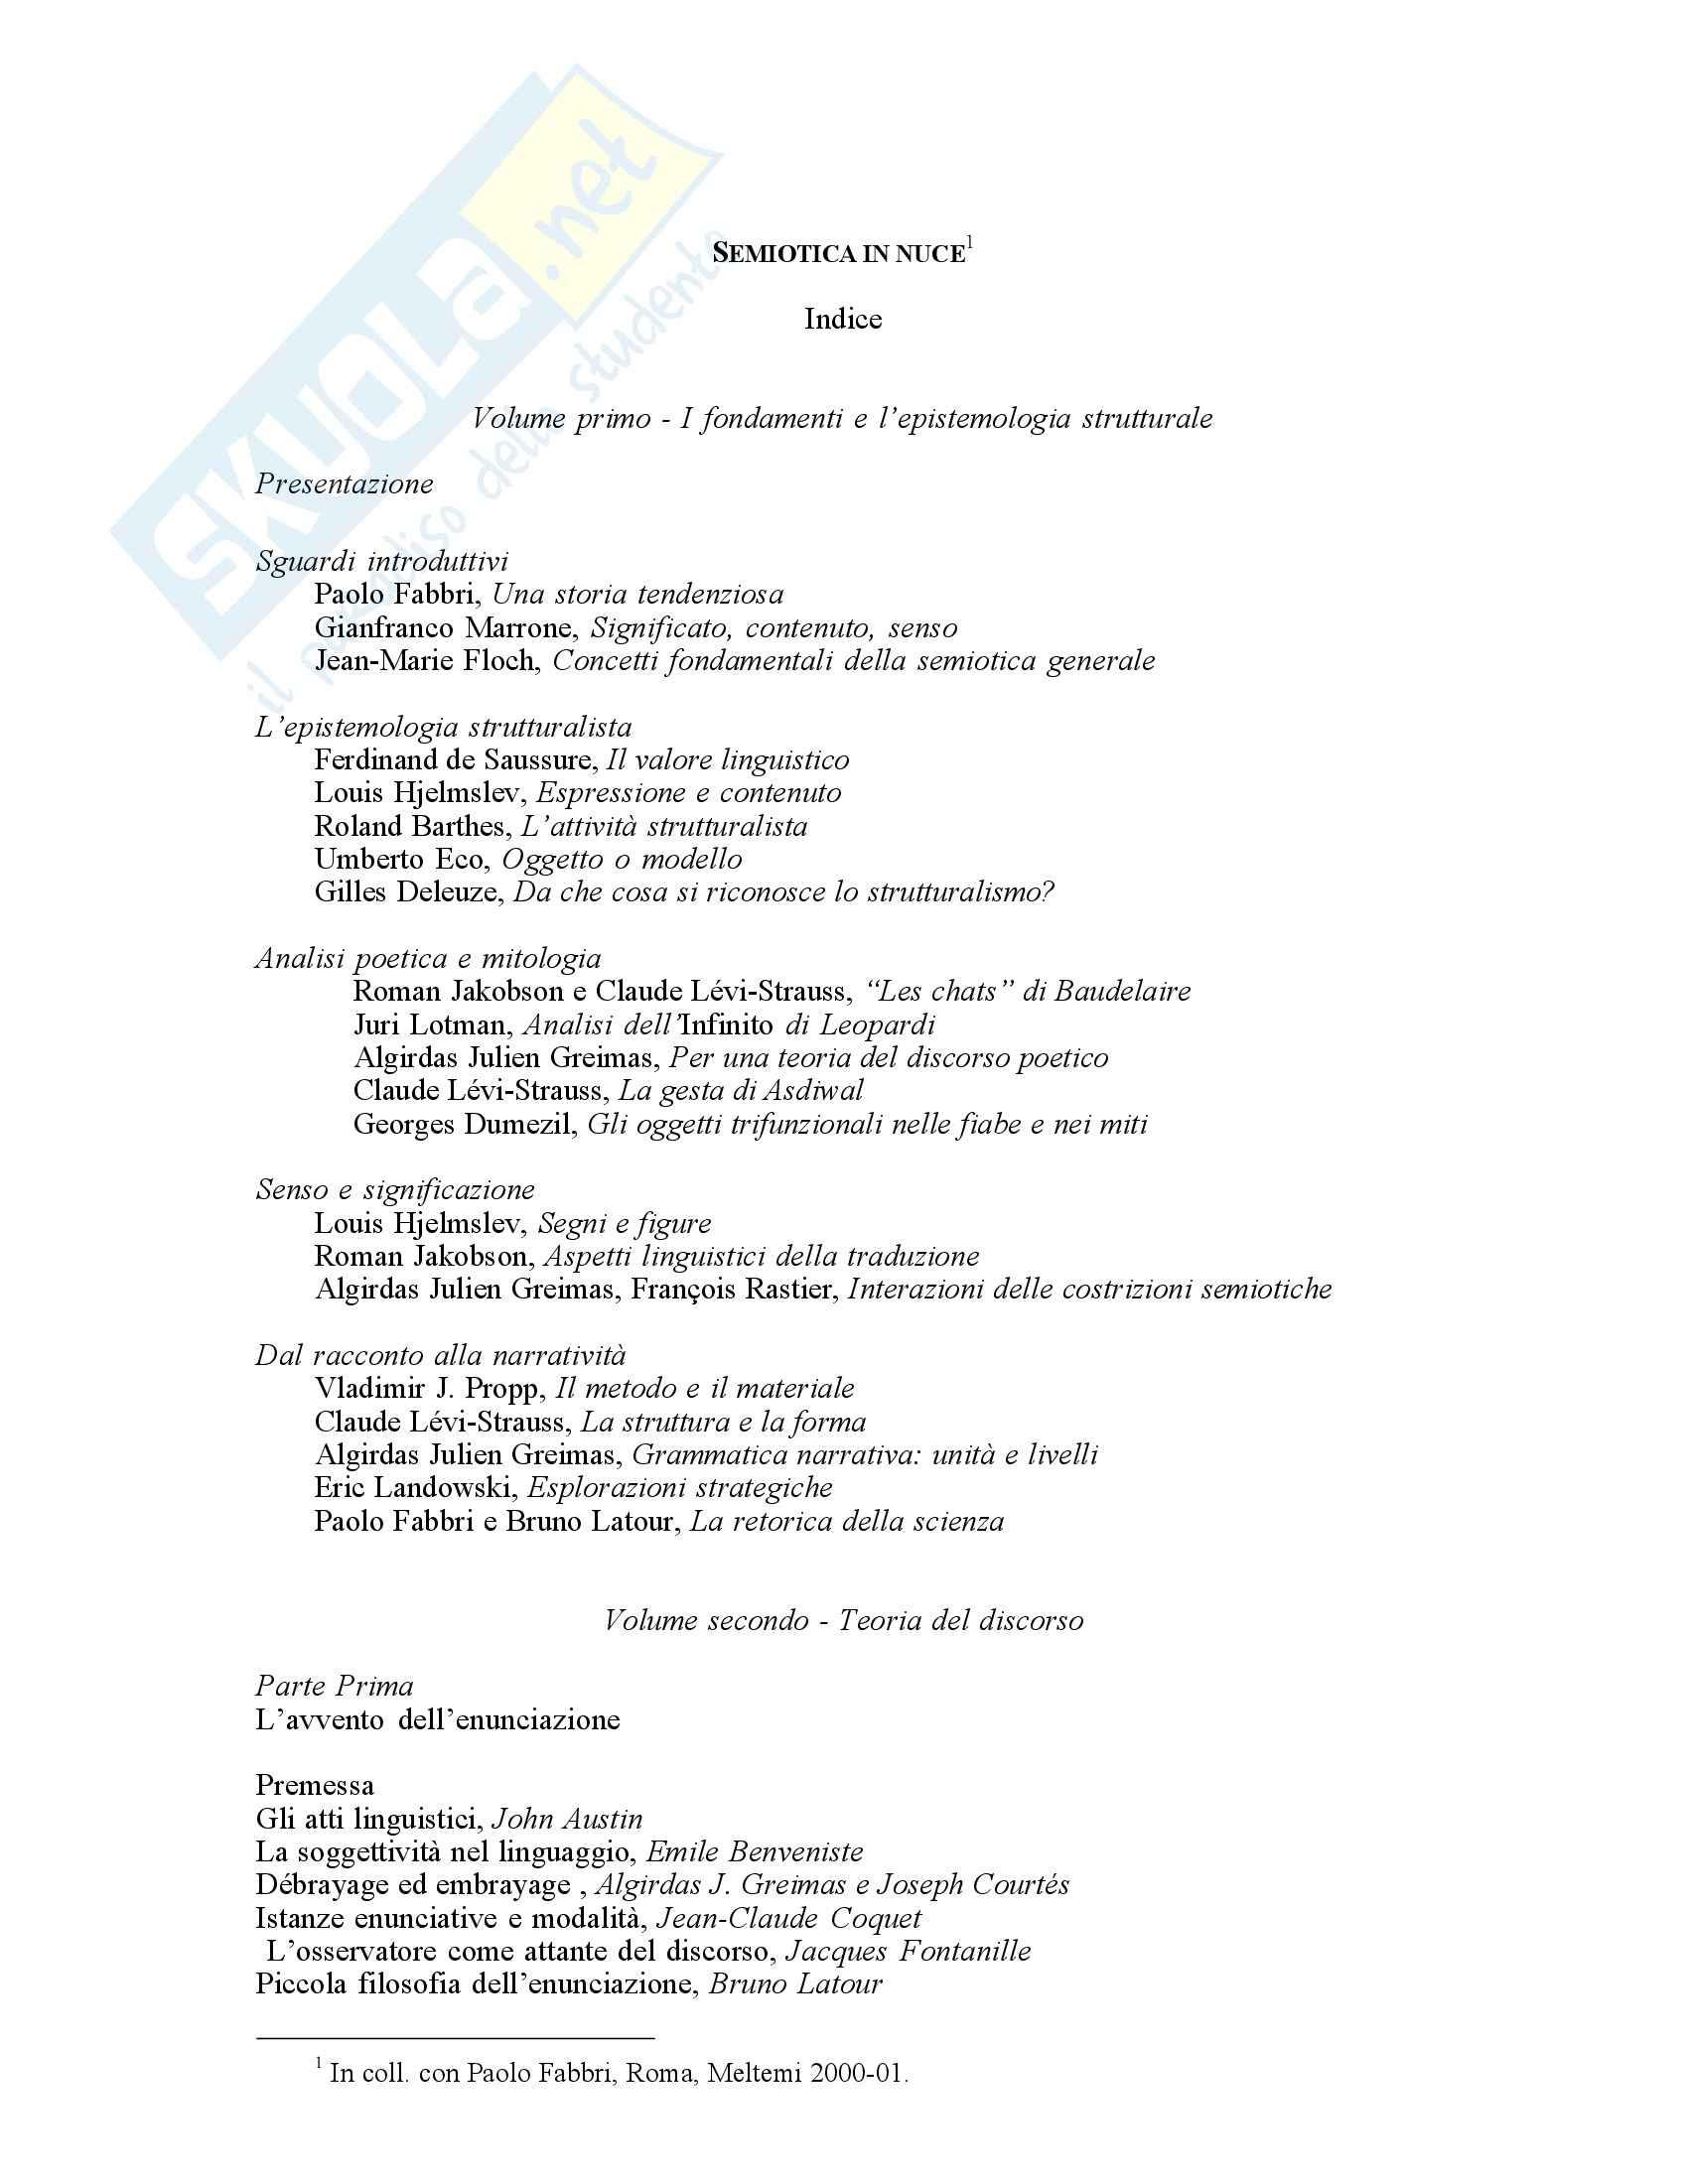 Semiotica in nuce - introduzione